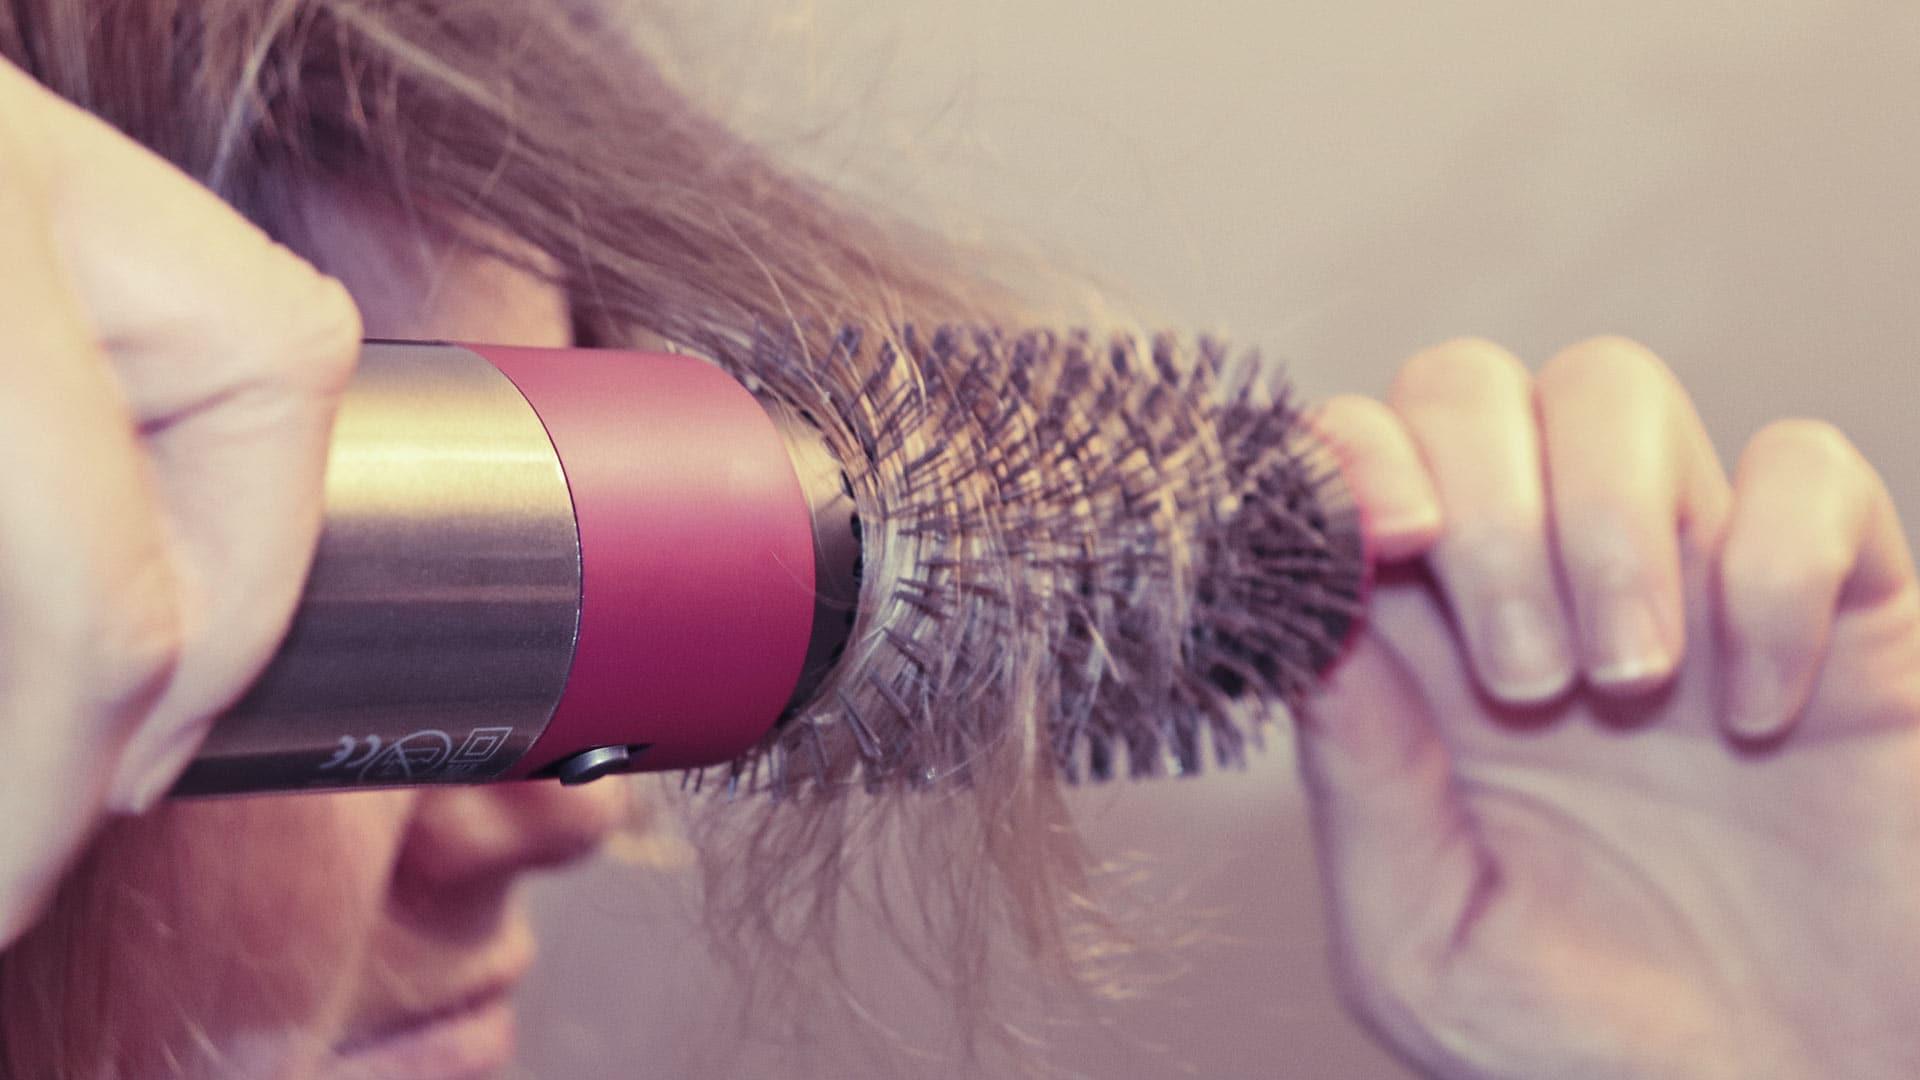 dyson airwrap kurze haare locken